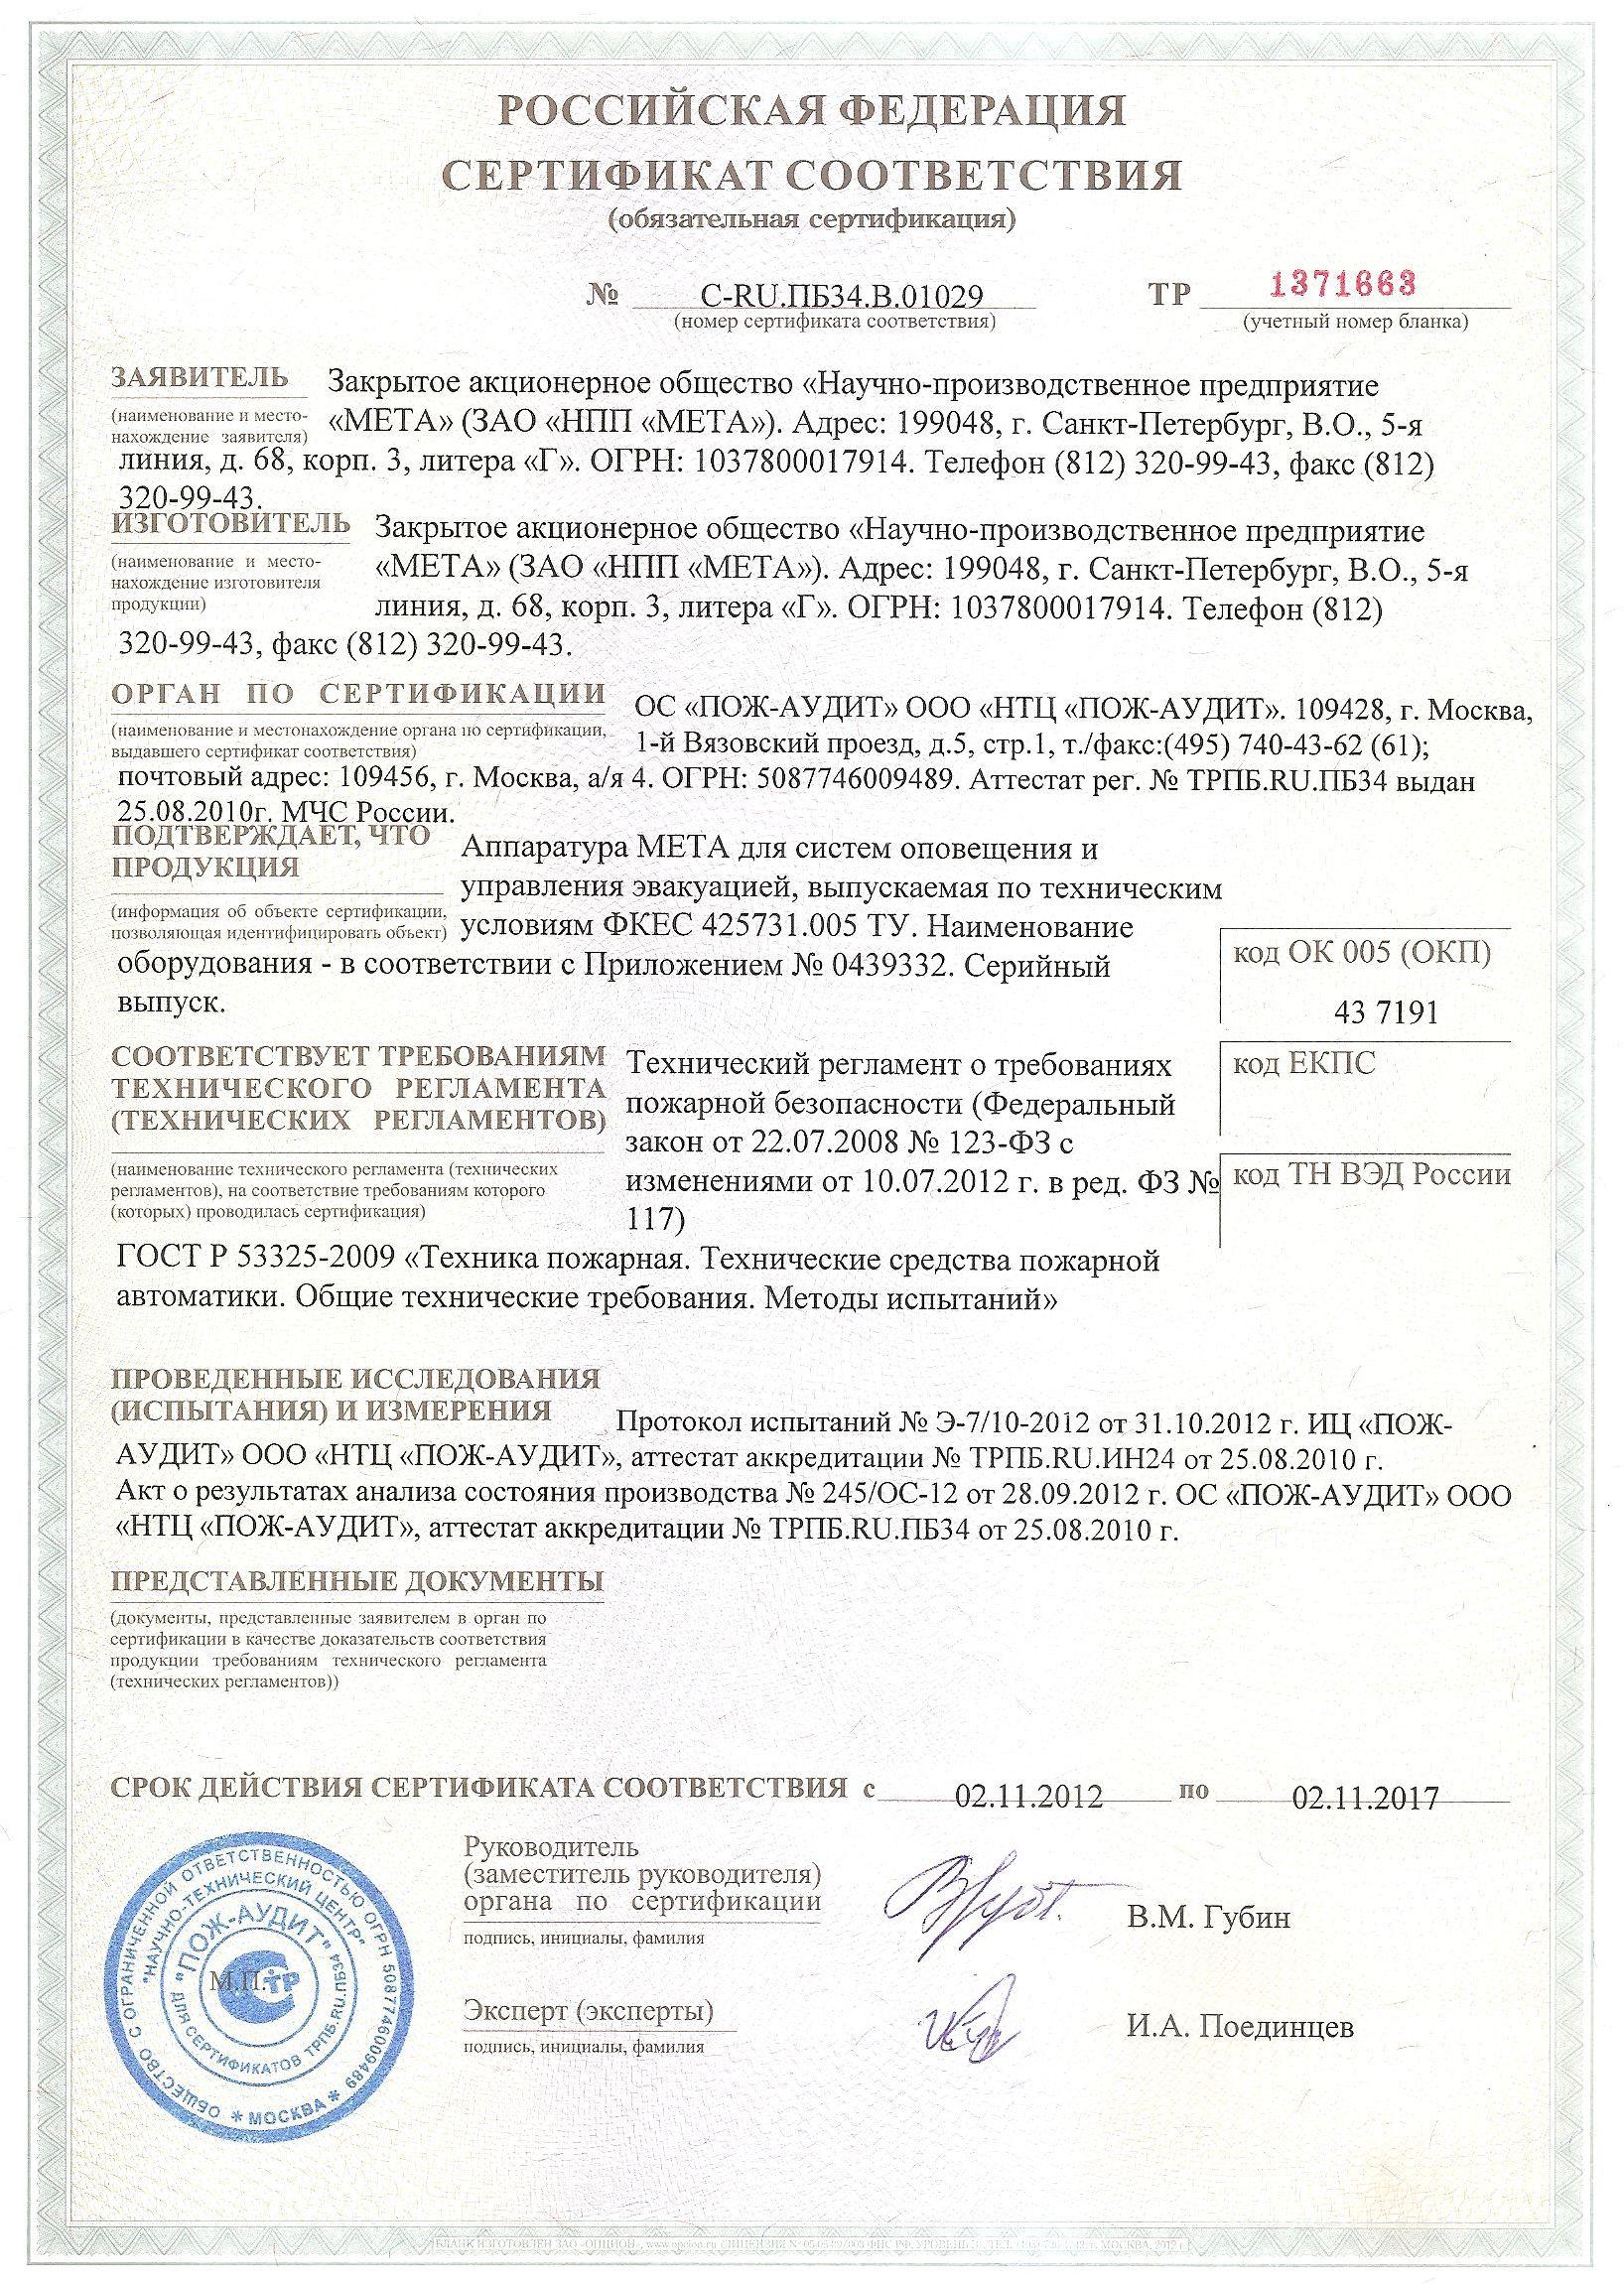 МЕТА 9207 блок согласования